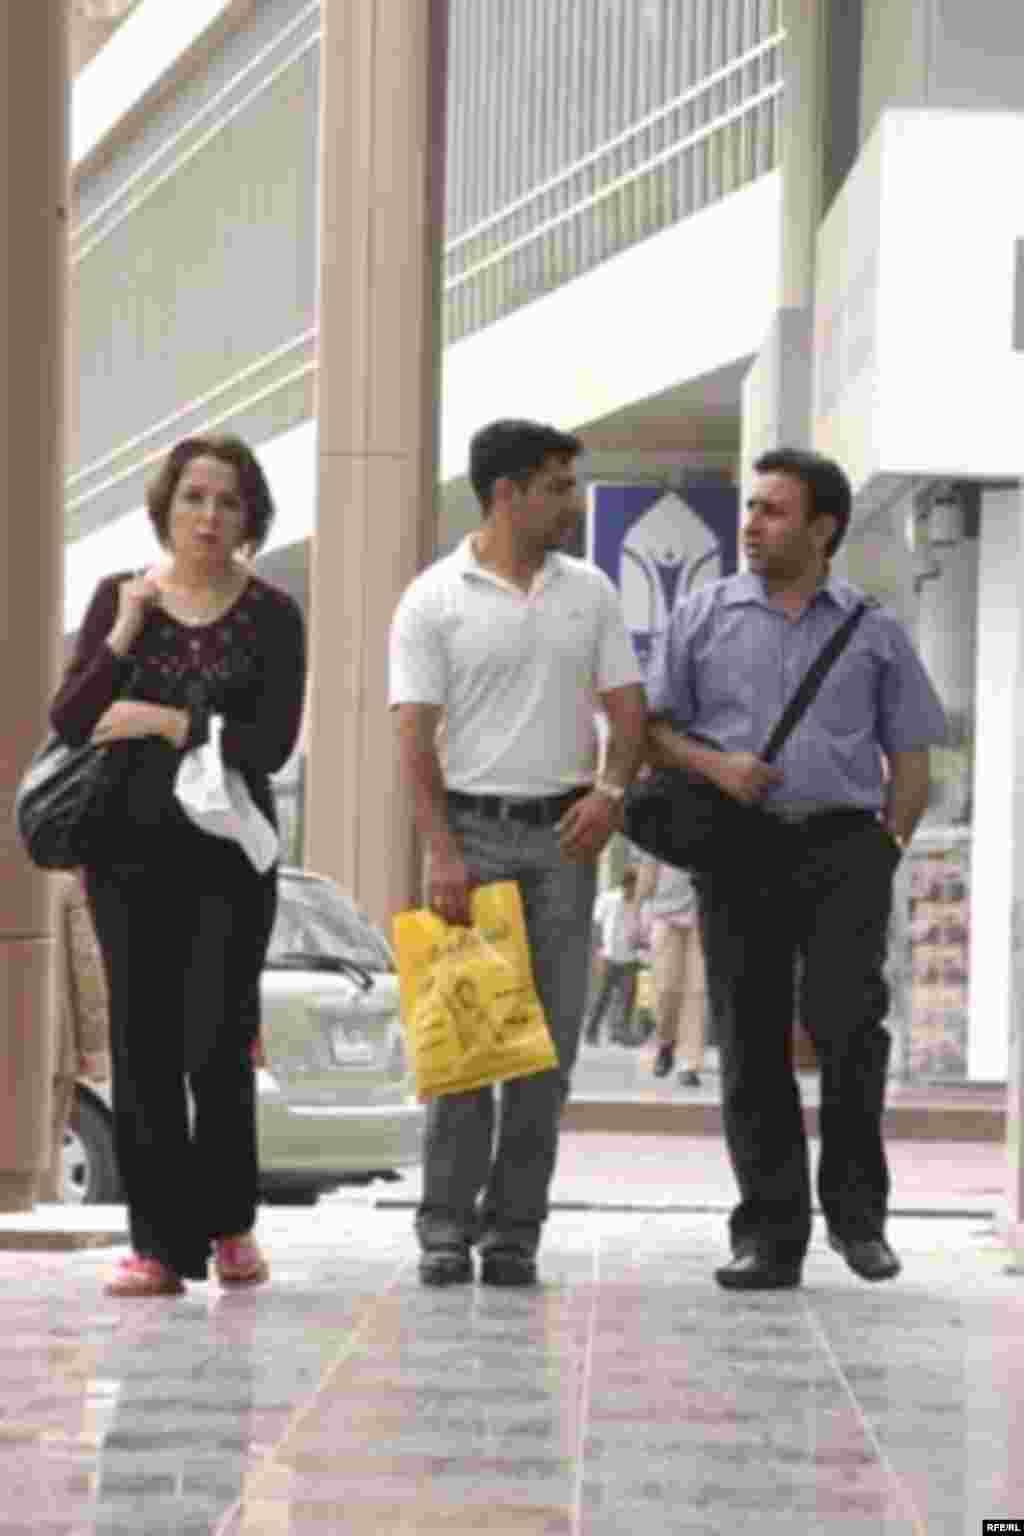 مراکز خريد اين روزها بيشتر پذيرای مشتری های ايرانی هستند